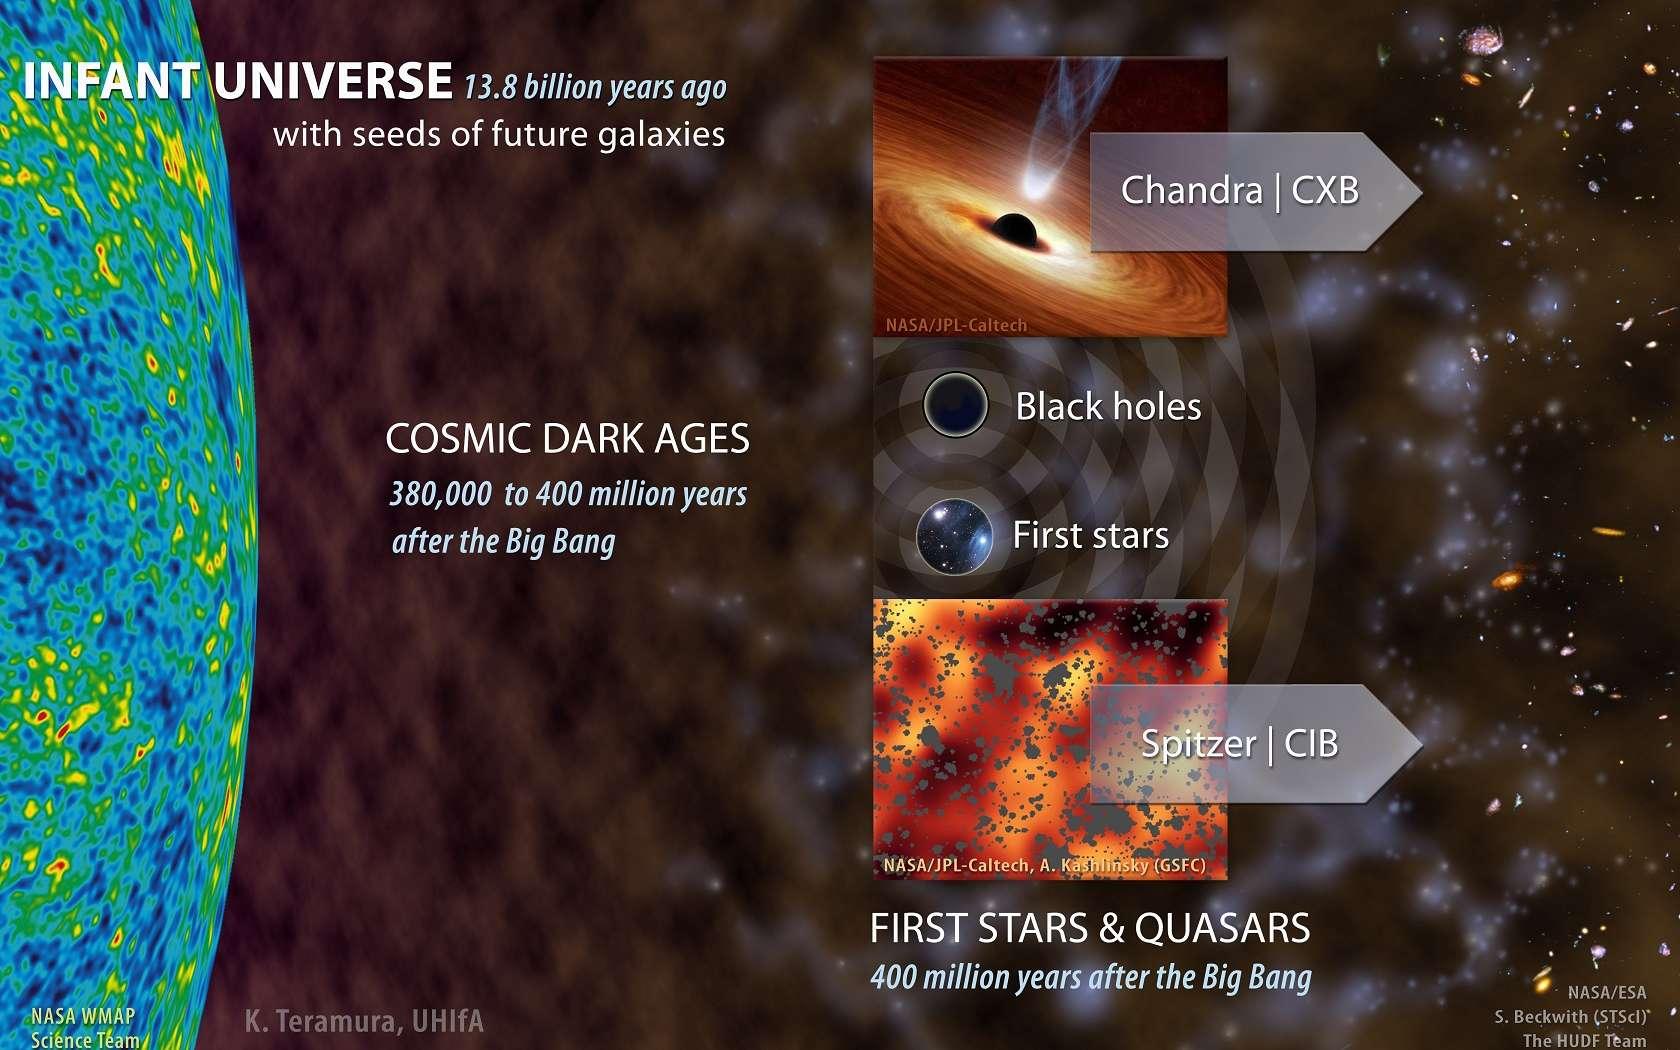 Illustration des implications des corrélations trouvées entre les observations du CIB par Spitzer, et du CXB par Chandra. Une importante population de trous noirs accrétant de la matière existait probablement environ 400 millions d'années après le Big Bang. Ces trous noirs, probablement des quasars, côtoyaient les premières étoiles et galaxies. © Karen Teramura, UHlfA, Nasa, Esa